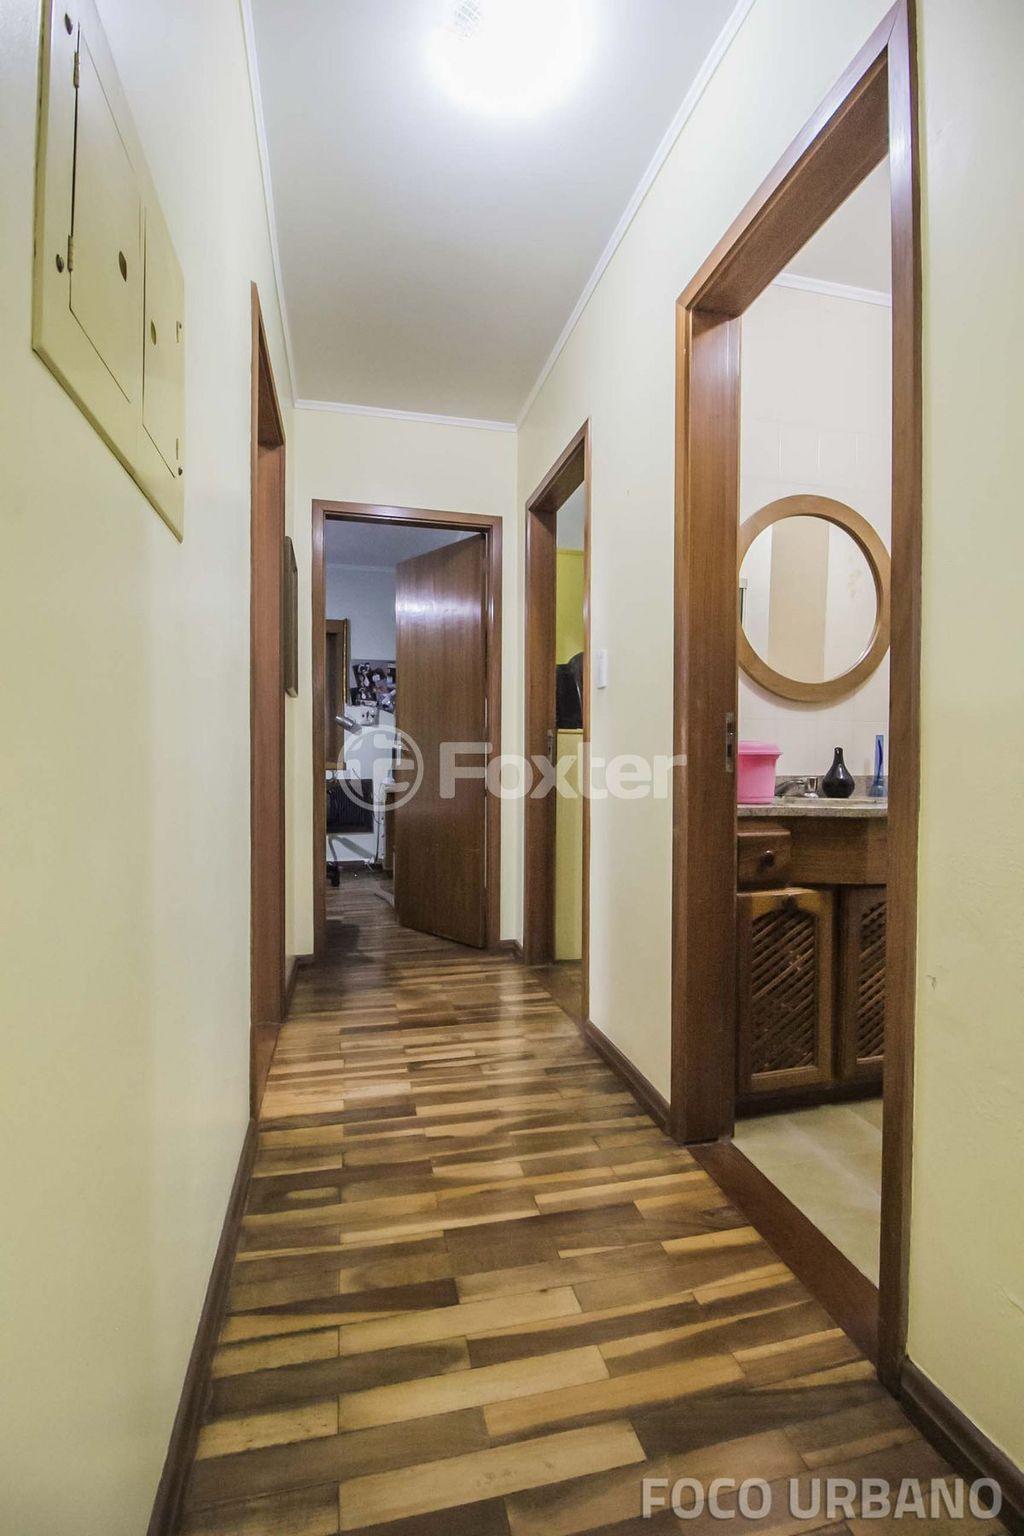 Casa 3 Dorm, Anchieta, Porto Alegre (133858) - Foto 5